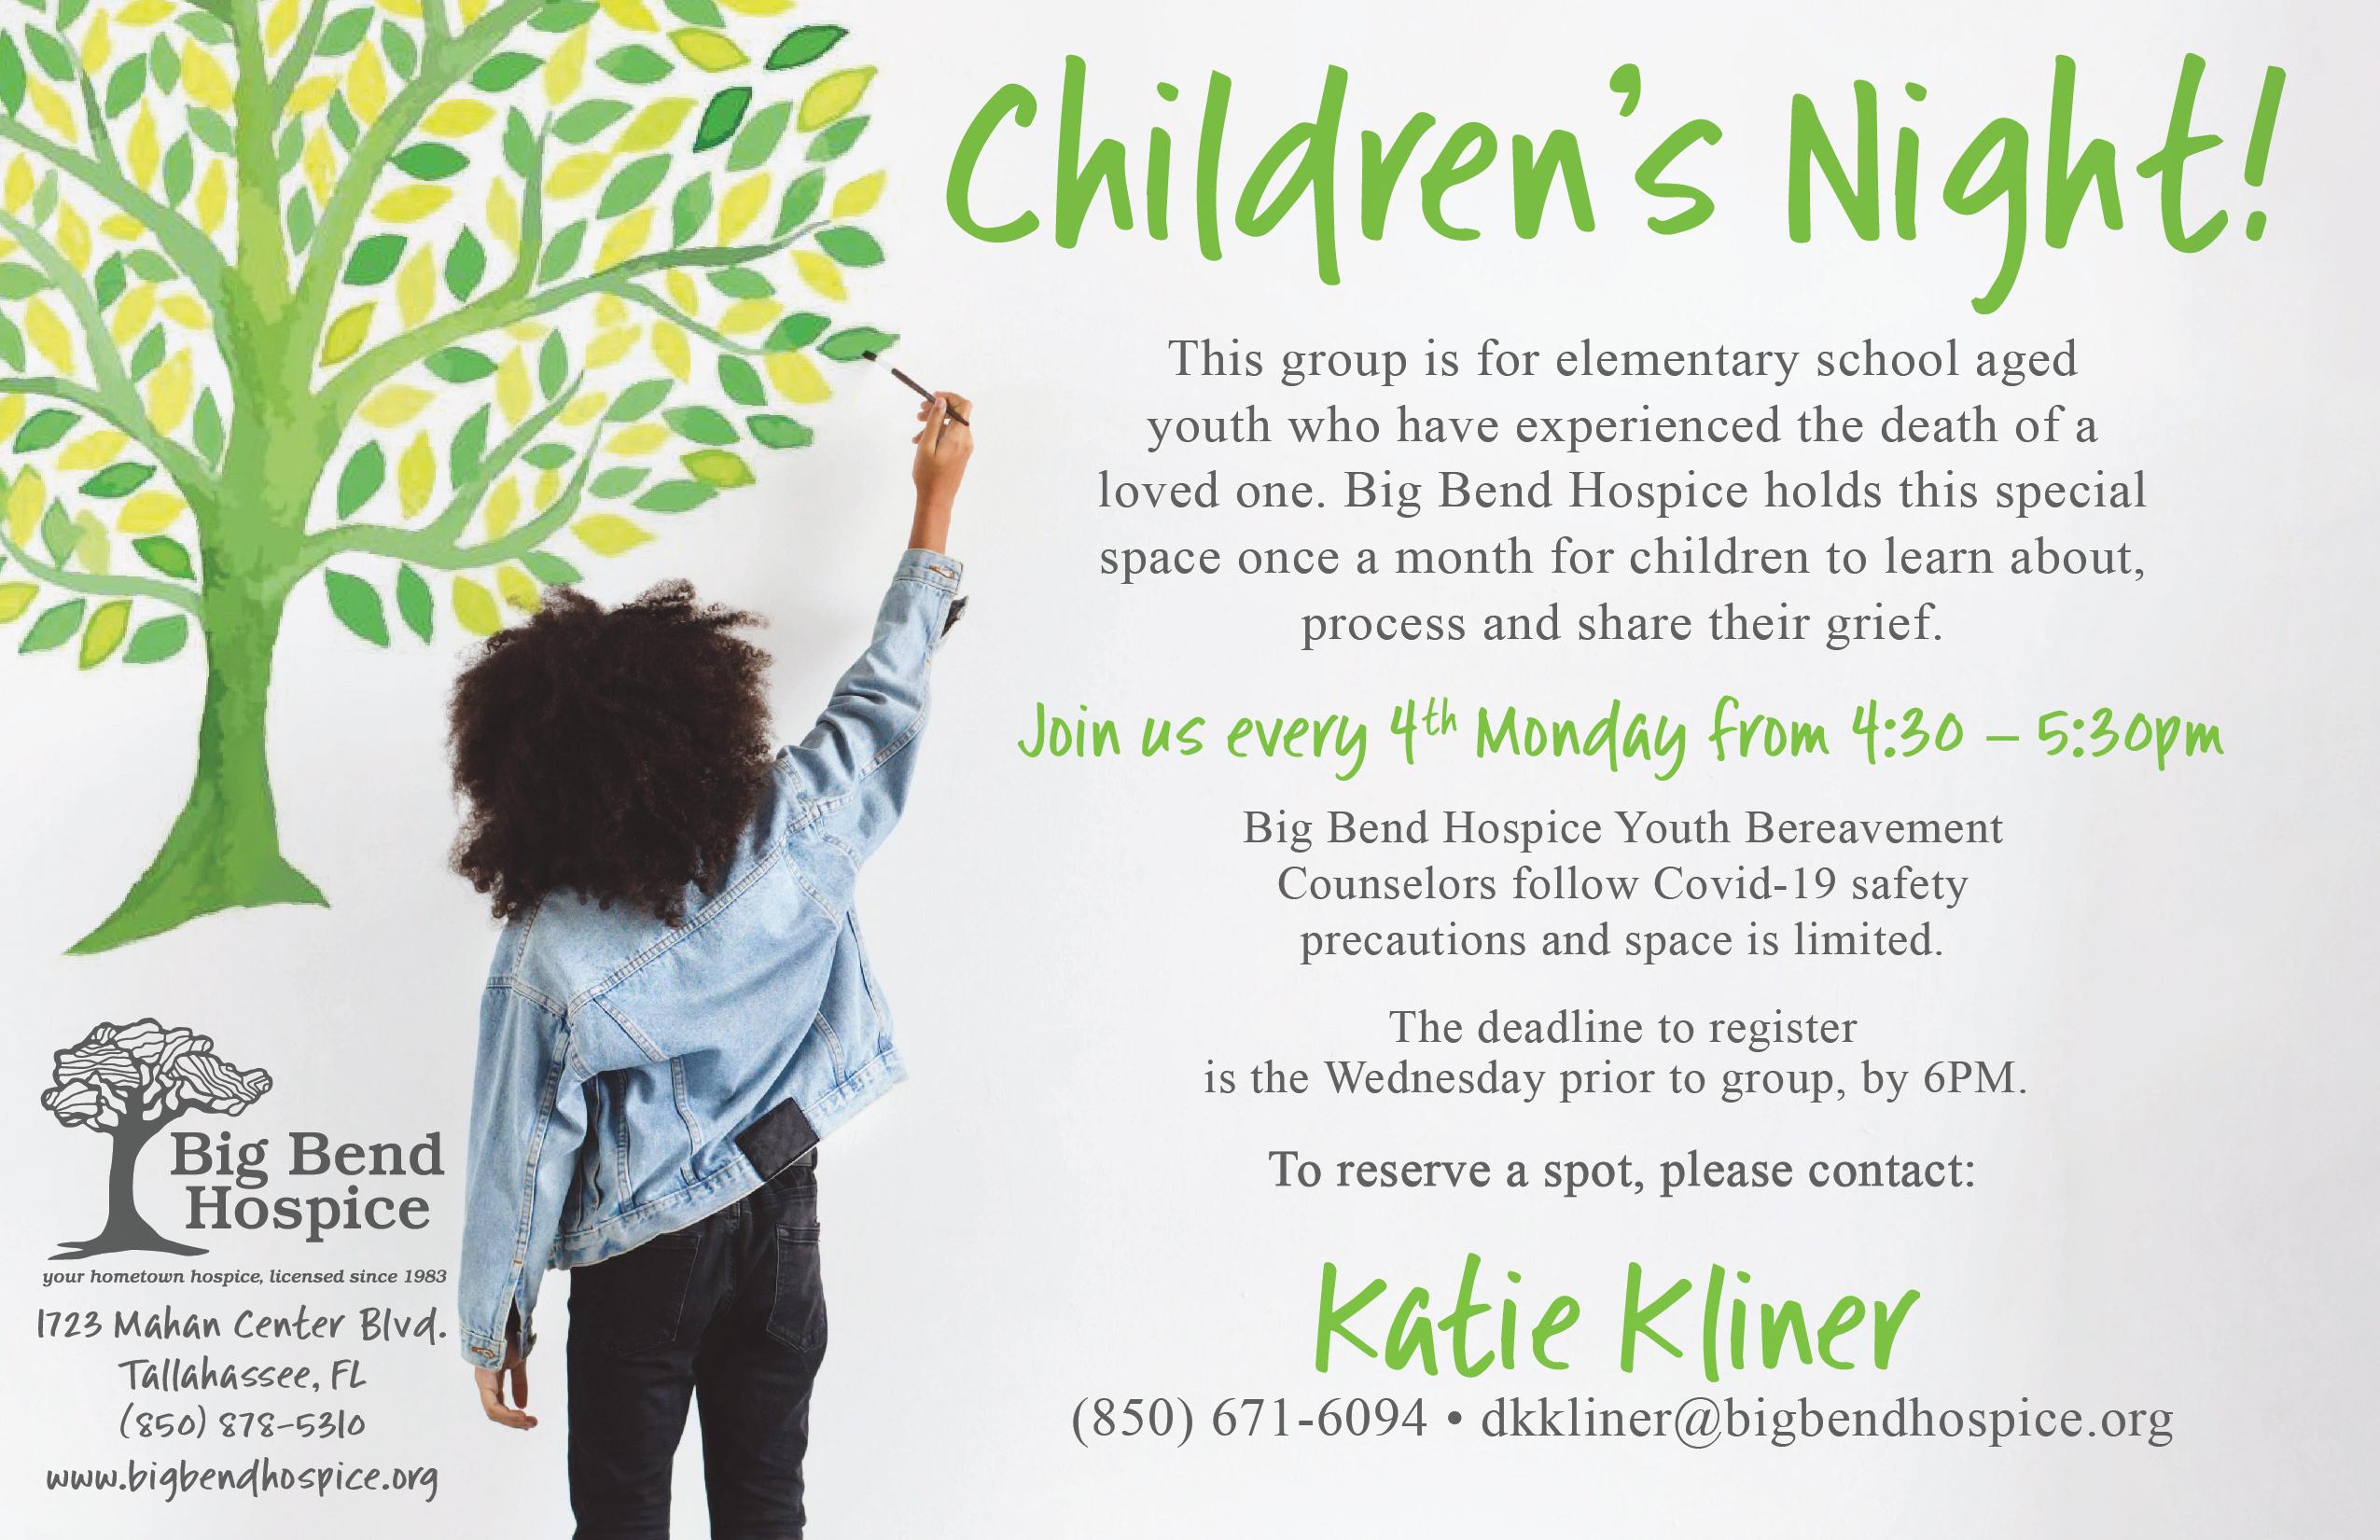 BBH Children's Night